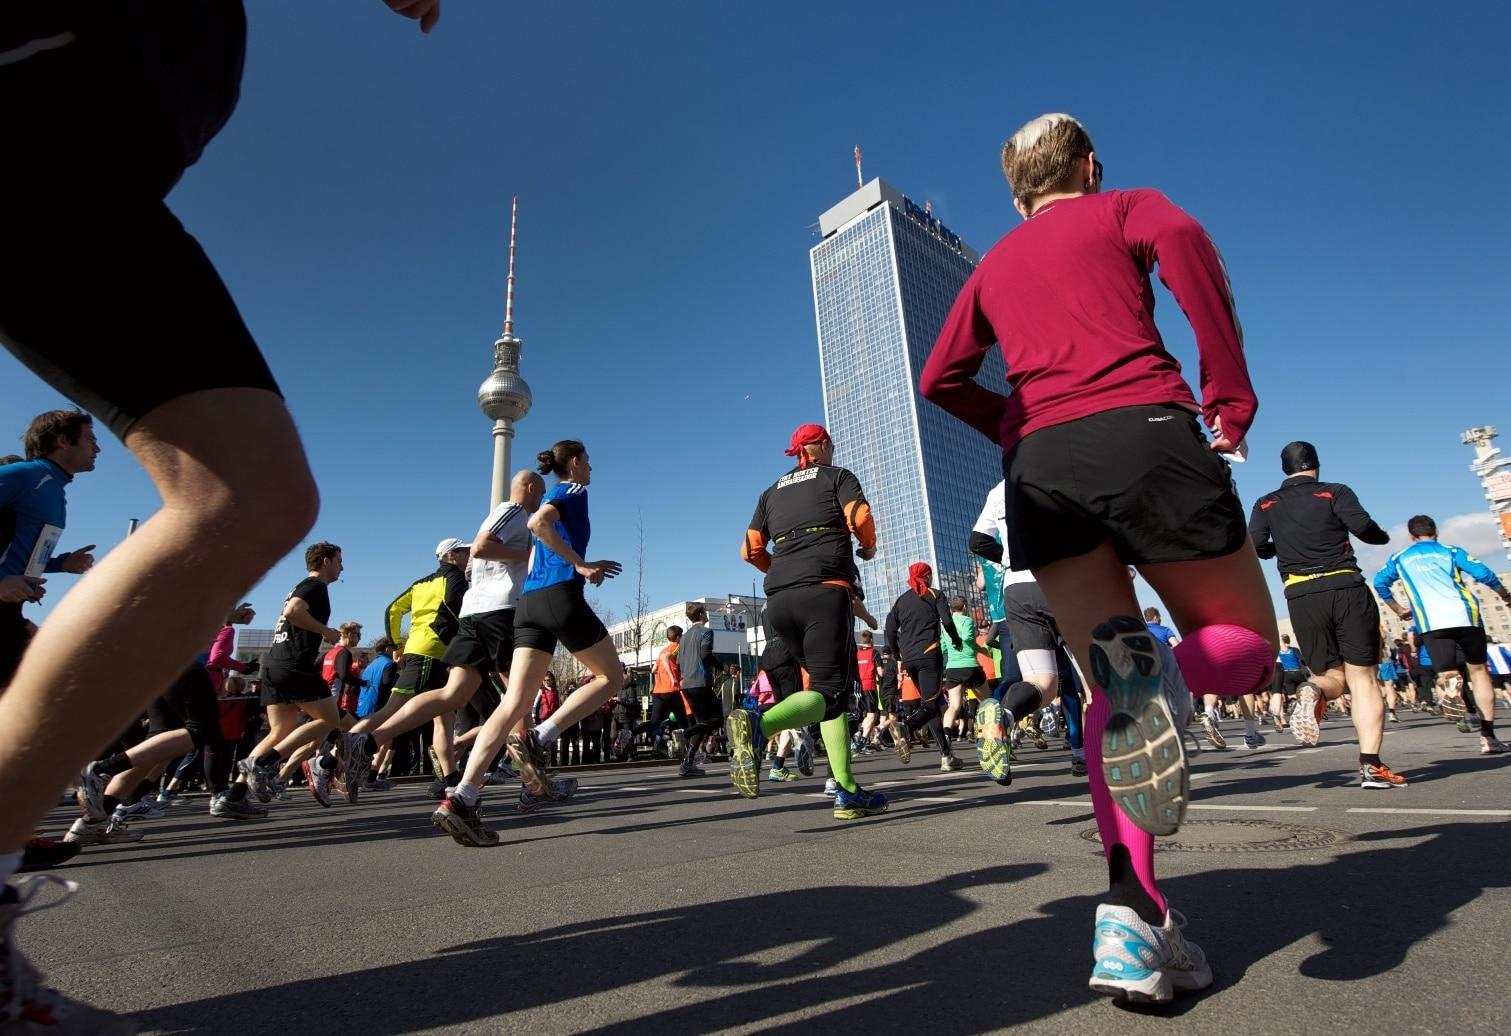 engelhorn sports und adidas verlosen Startplätze für Berliner Halbmarathon